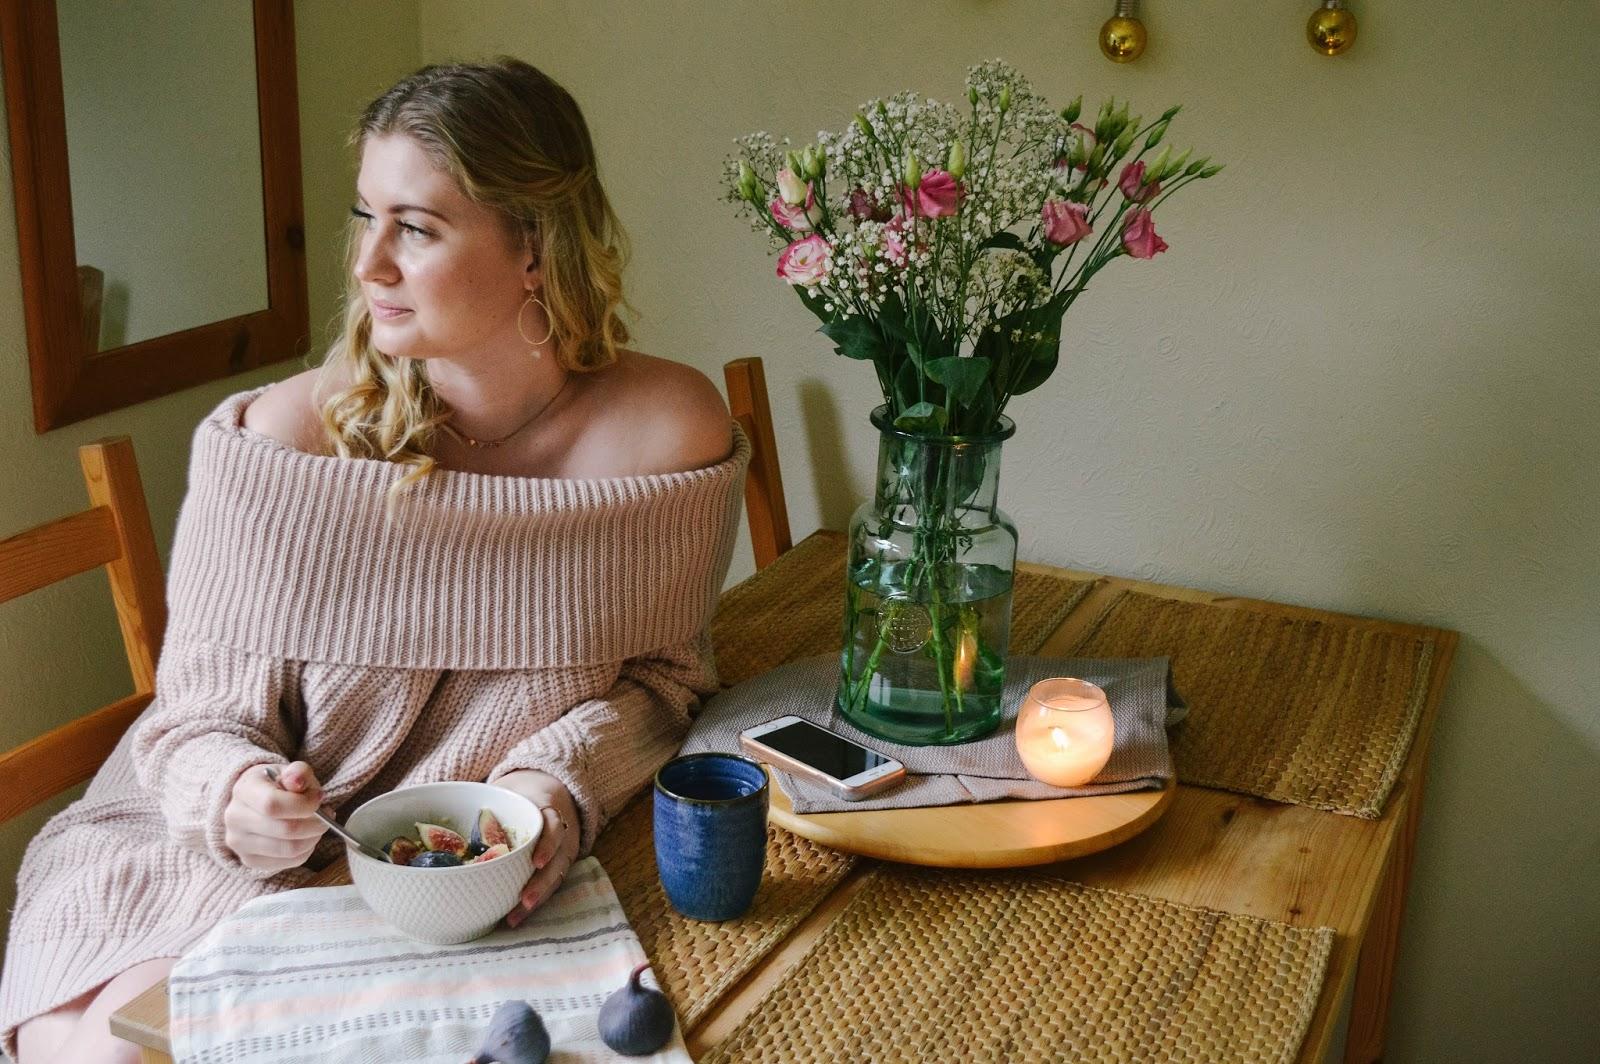 tips on slow mornings, lifestyle bloggers, UK blog, Hampshire bloggers